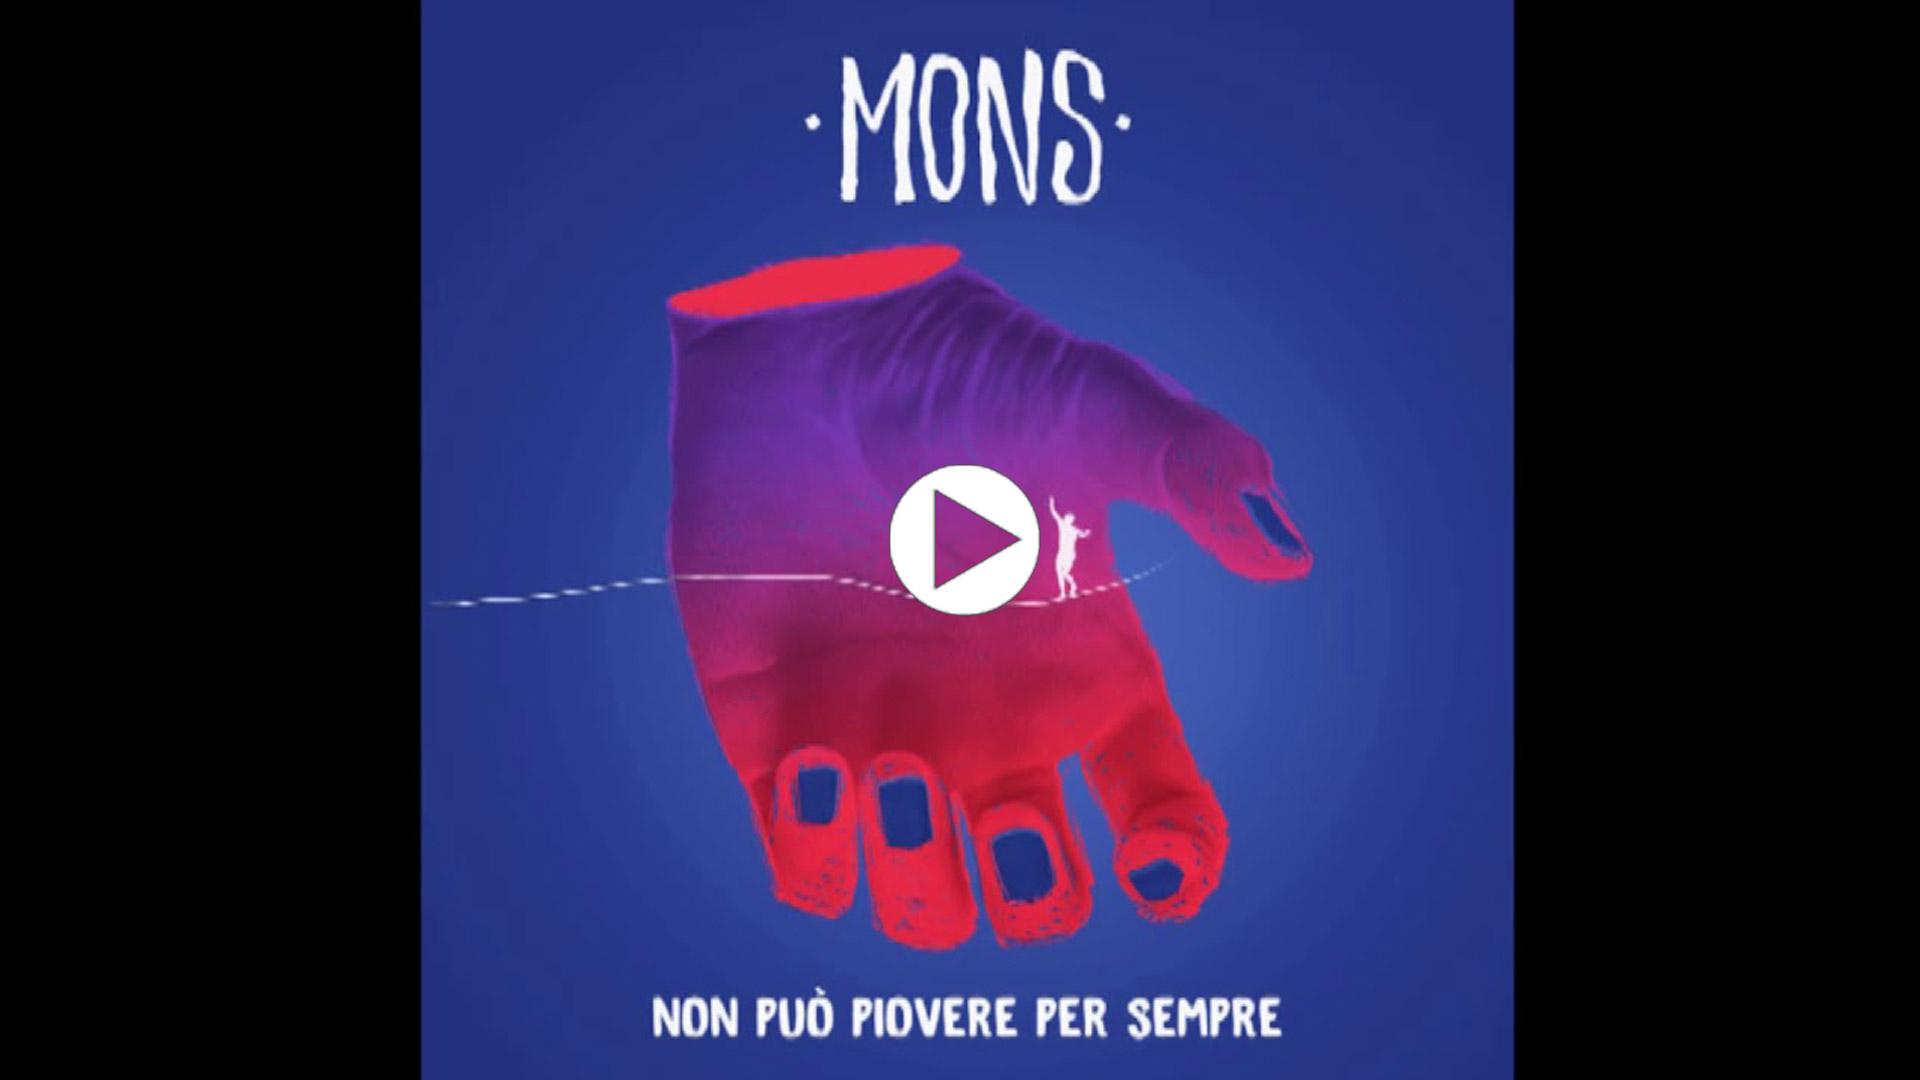 MONS Quattro quart - Official Audio - Non può piovere per sempre